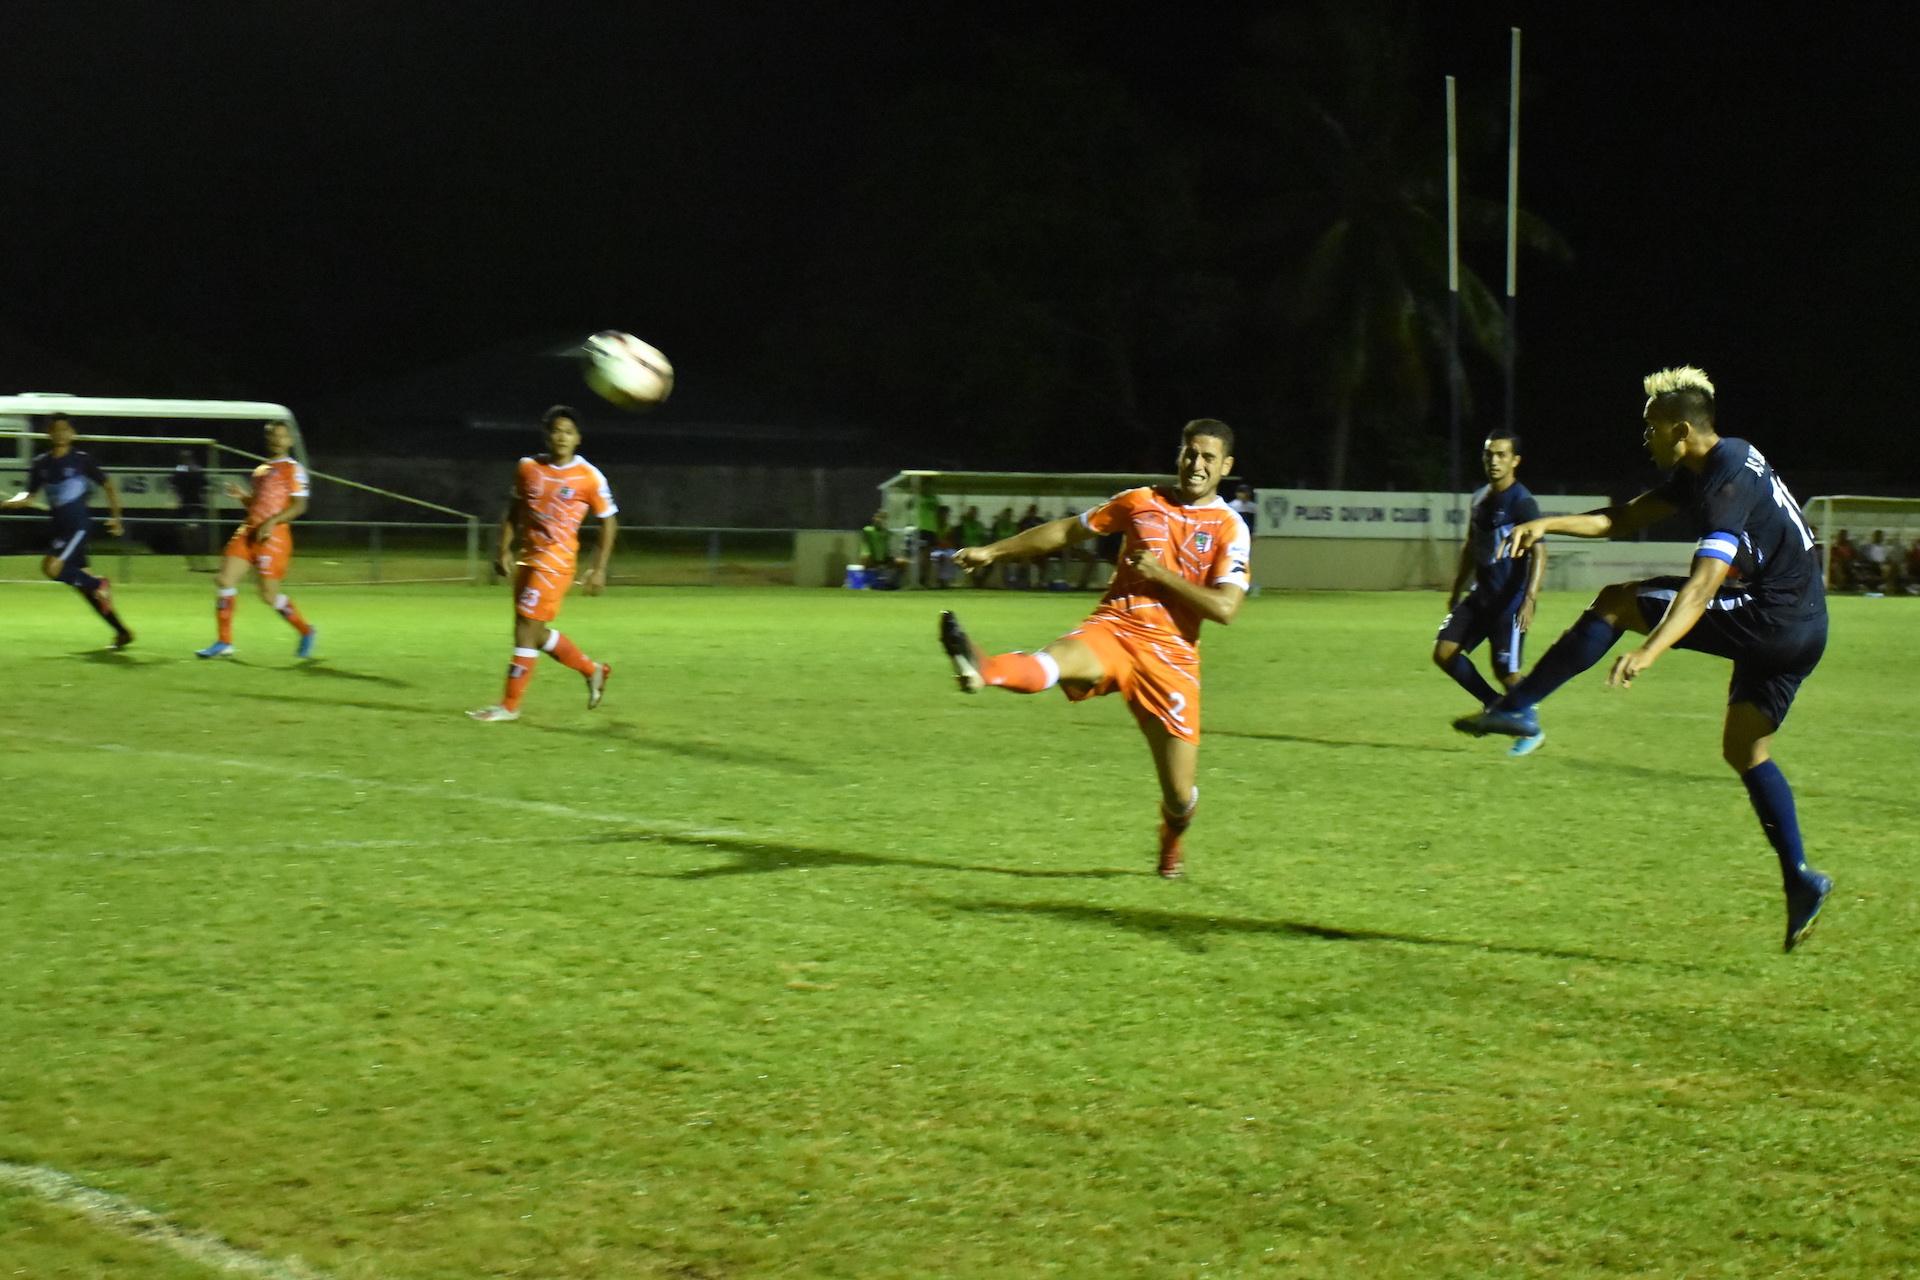 Teaonui Tehau s'est de nouveau illustré avec trois buts lors de la rencontre.